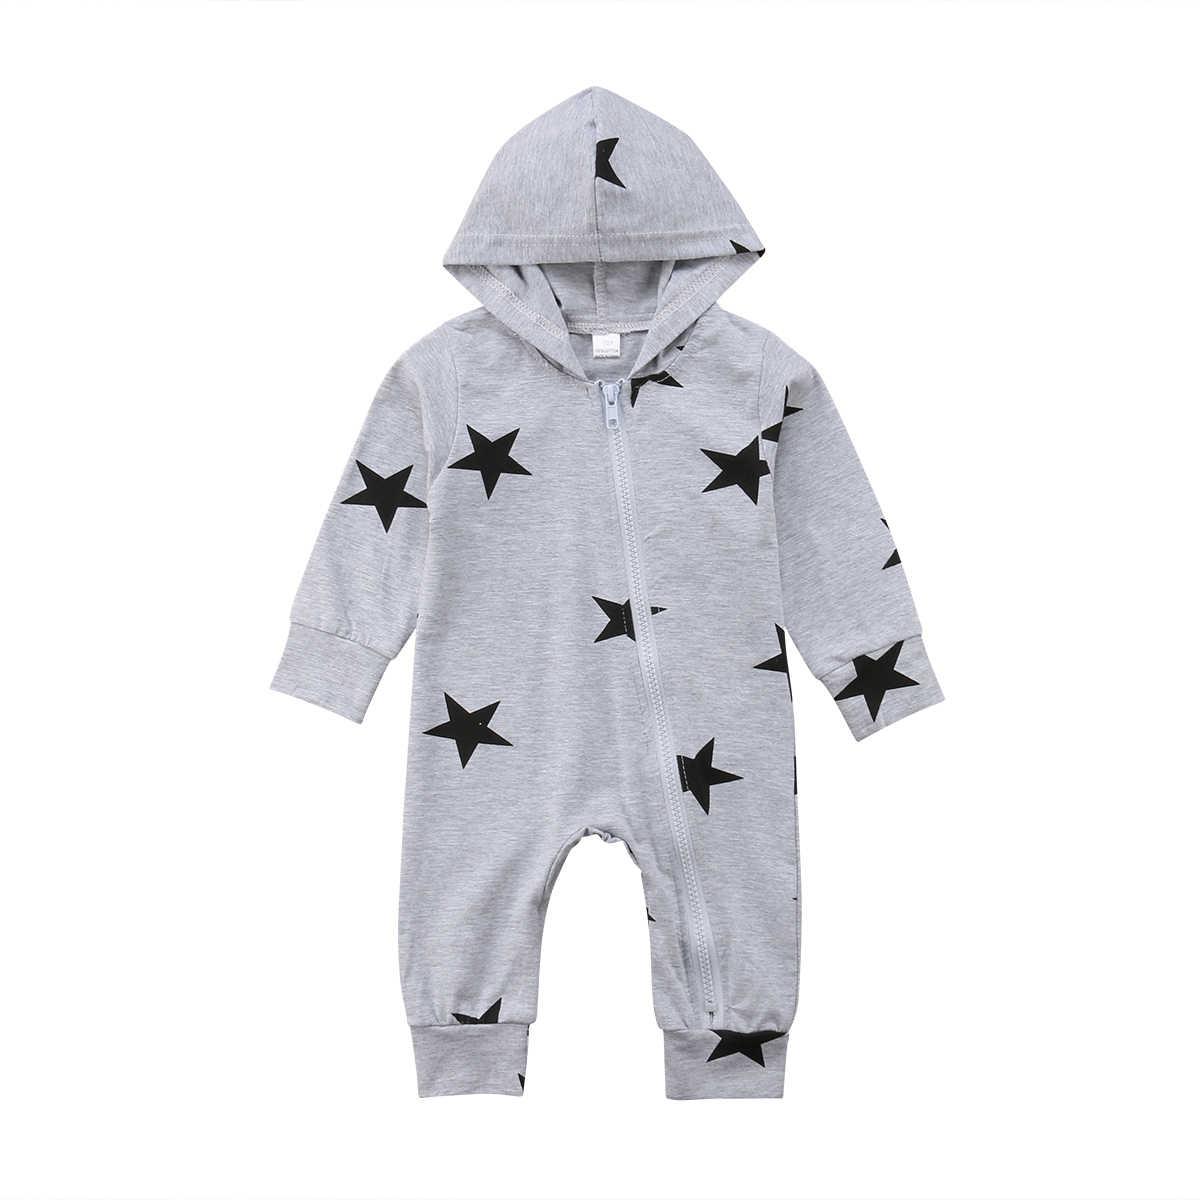 Комбинезоны для новорожденных мальчиков и девочек; сезон осень-зима; комбинезоны со звездами с капюшоном для малышей; хлопковый комбинезон для малышей; Модная одежда для малышей; костюм